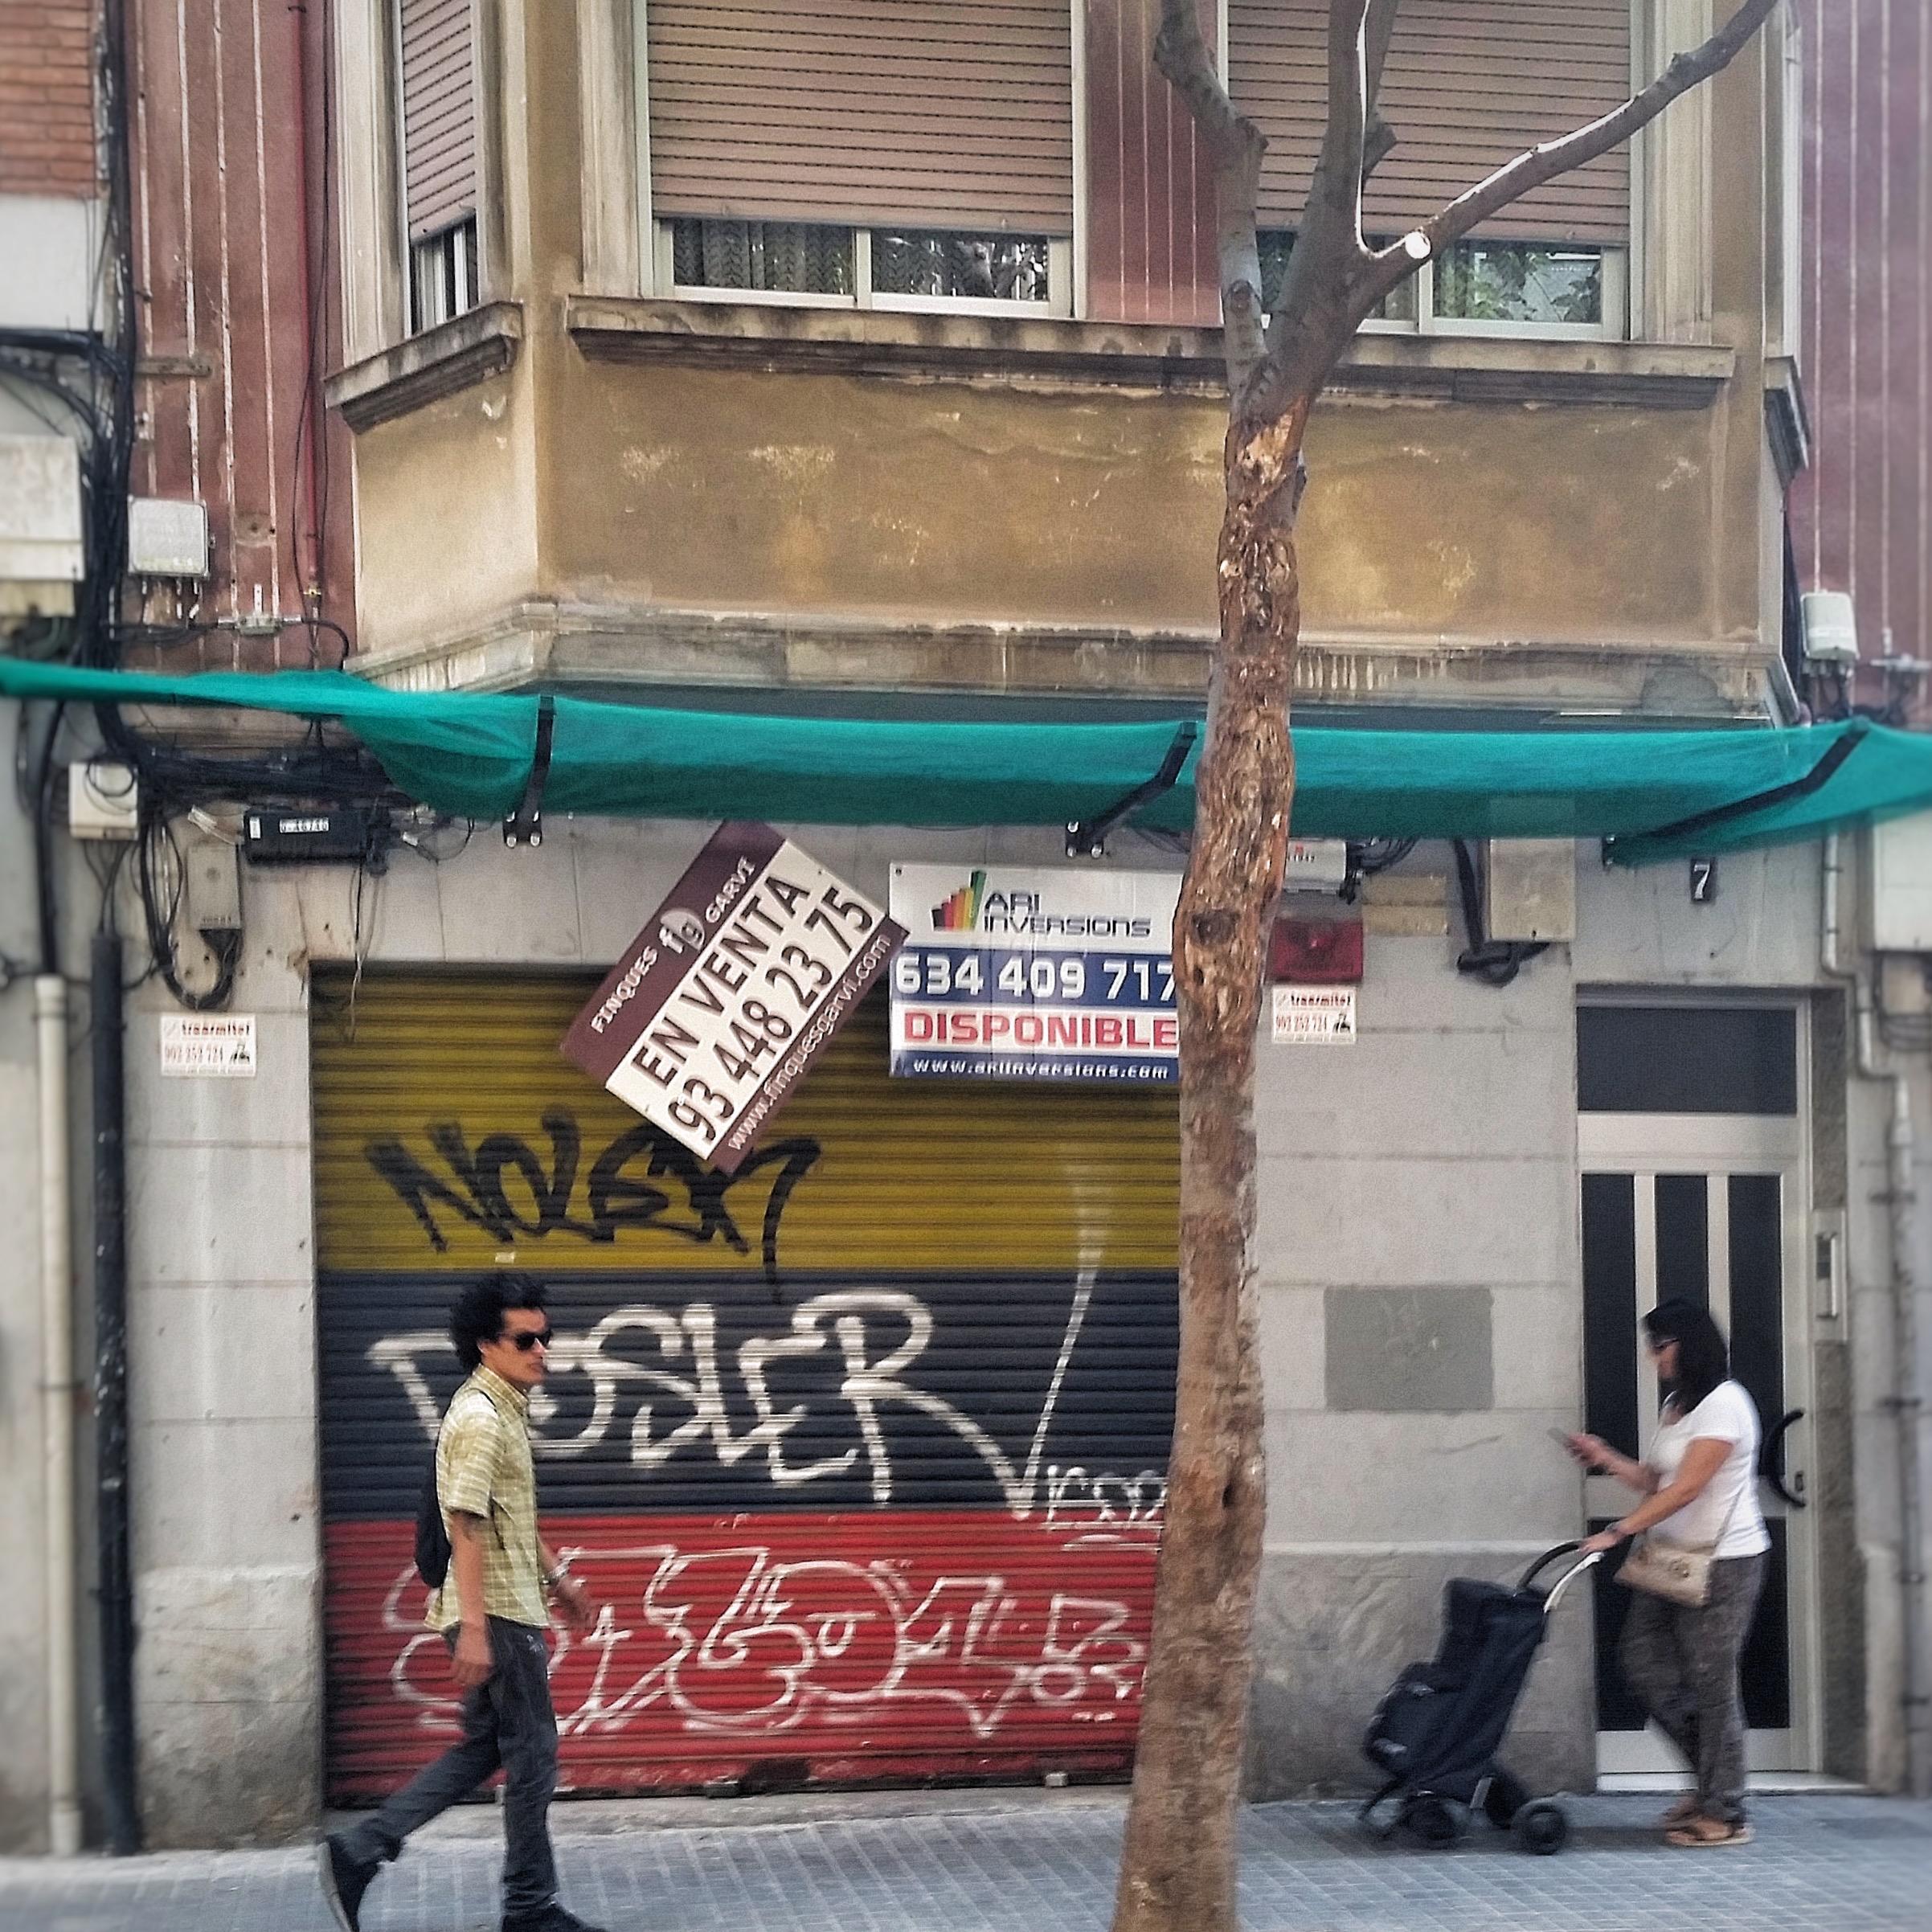 Aerfeldt_Barcelona_street_shopfront1